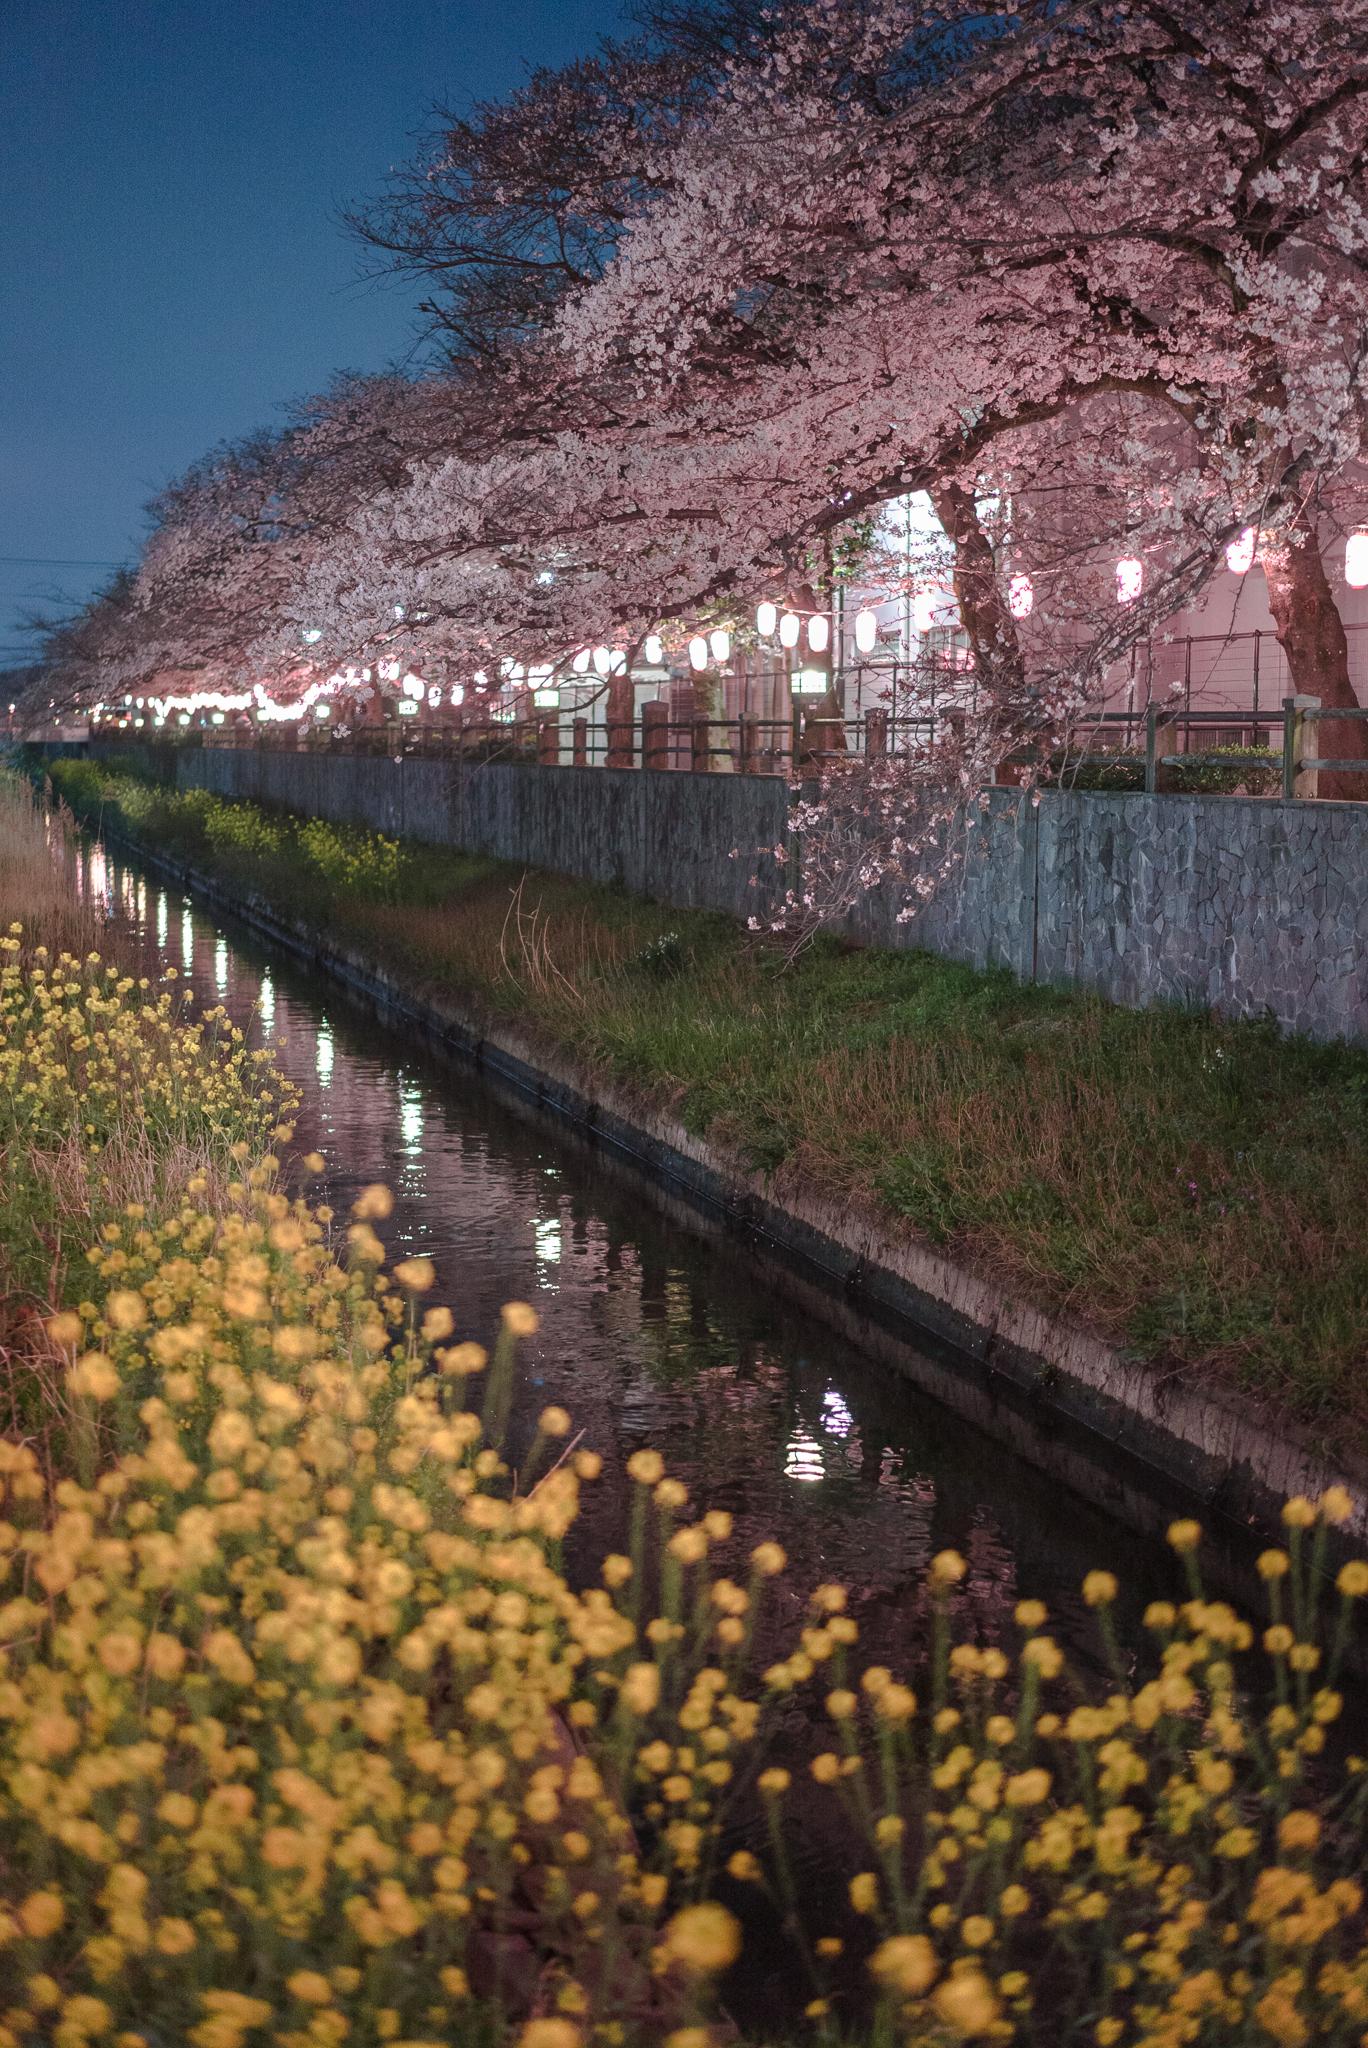 菜の花とソメイヨシノ 2019年4月1日 真間川弁天橋(昭和学院小学校前)より撮影